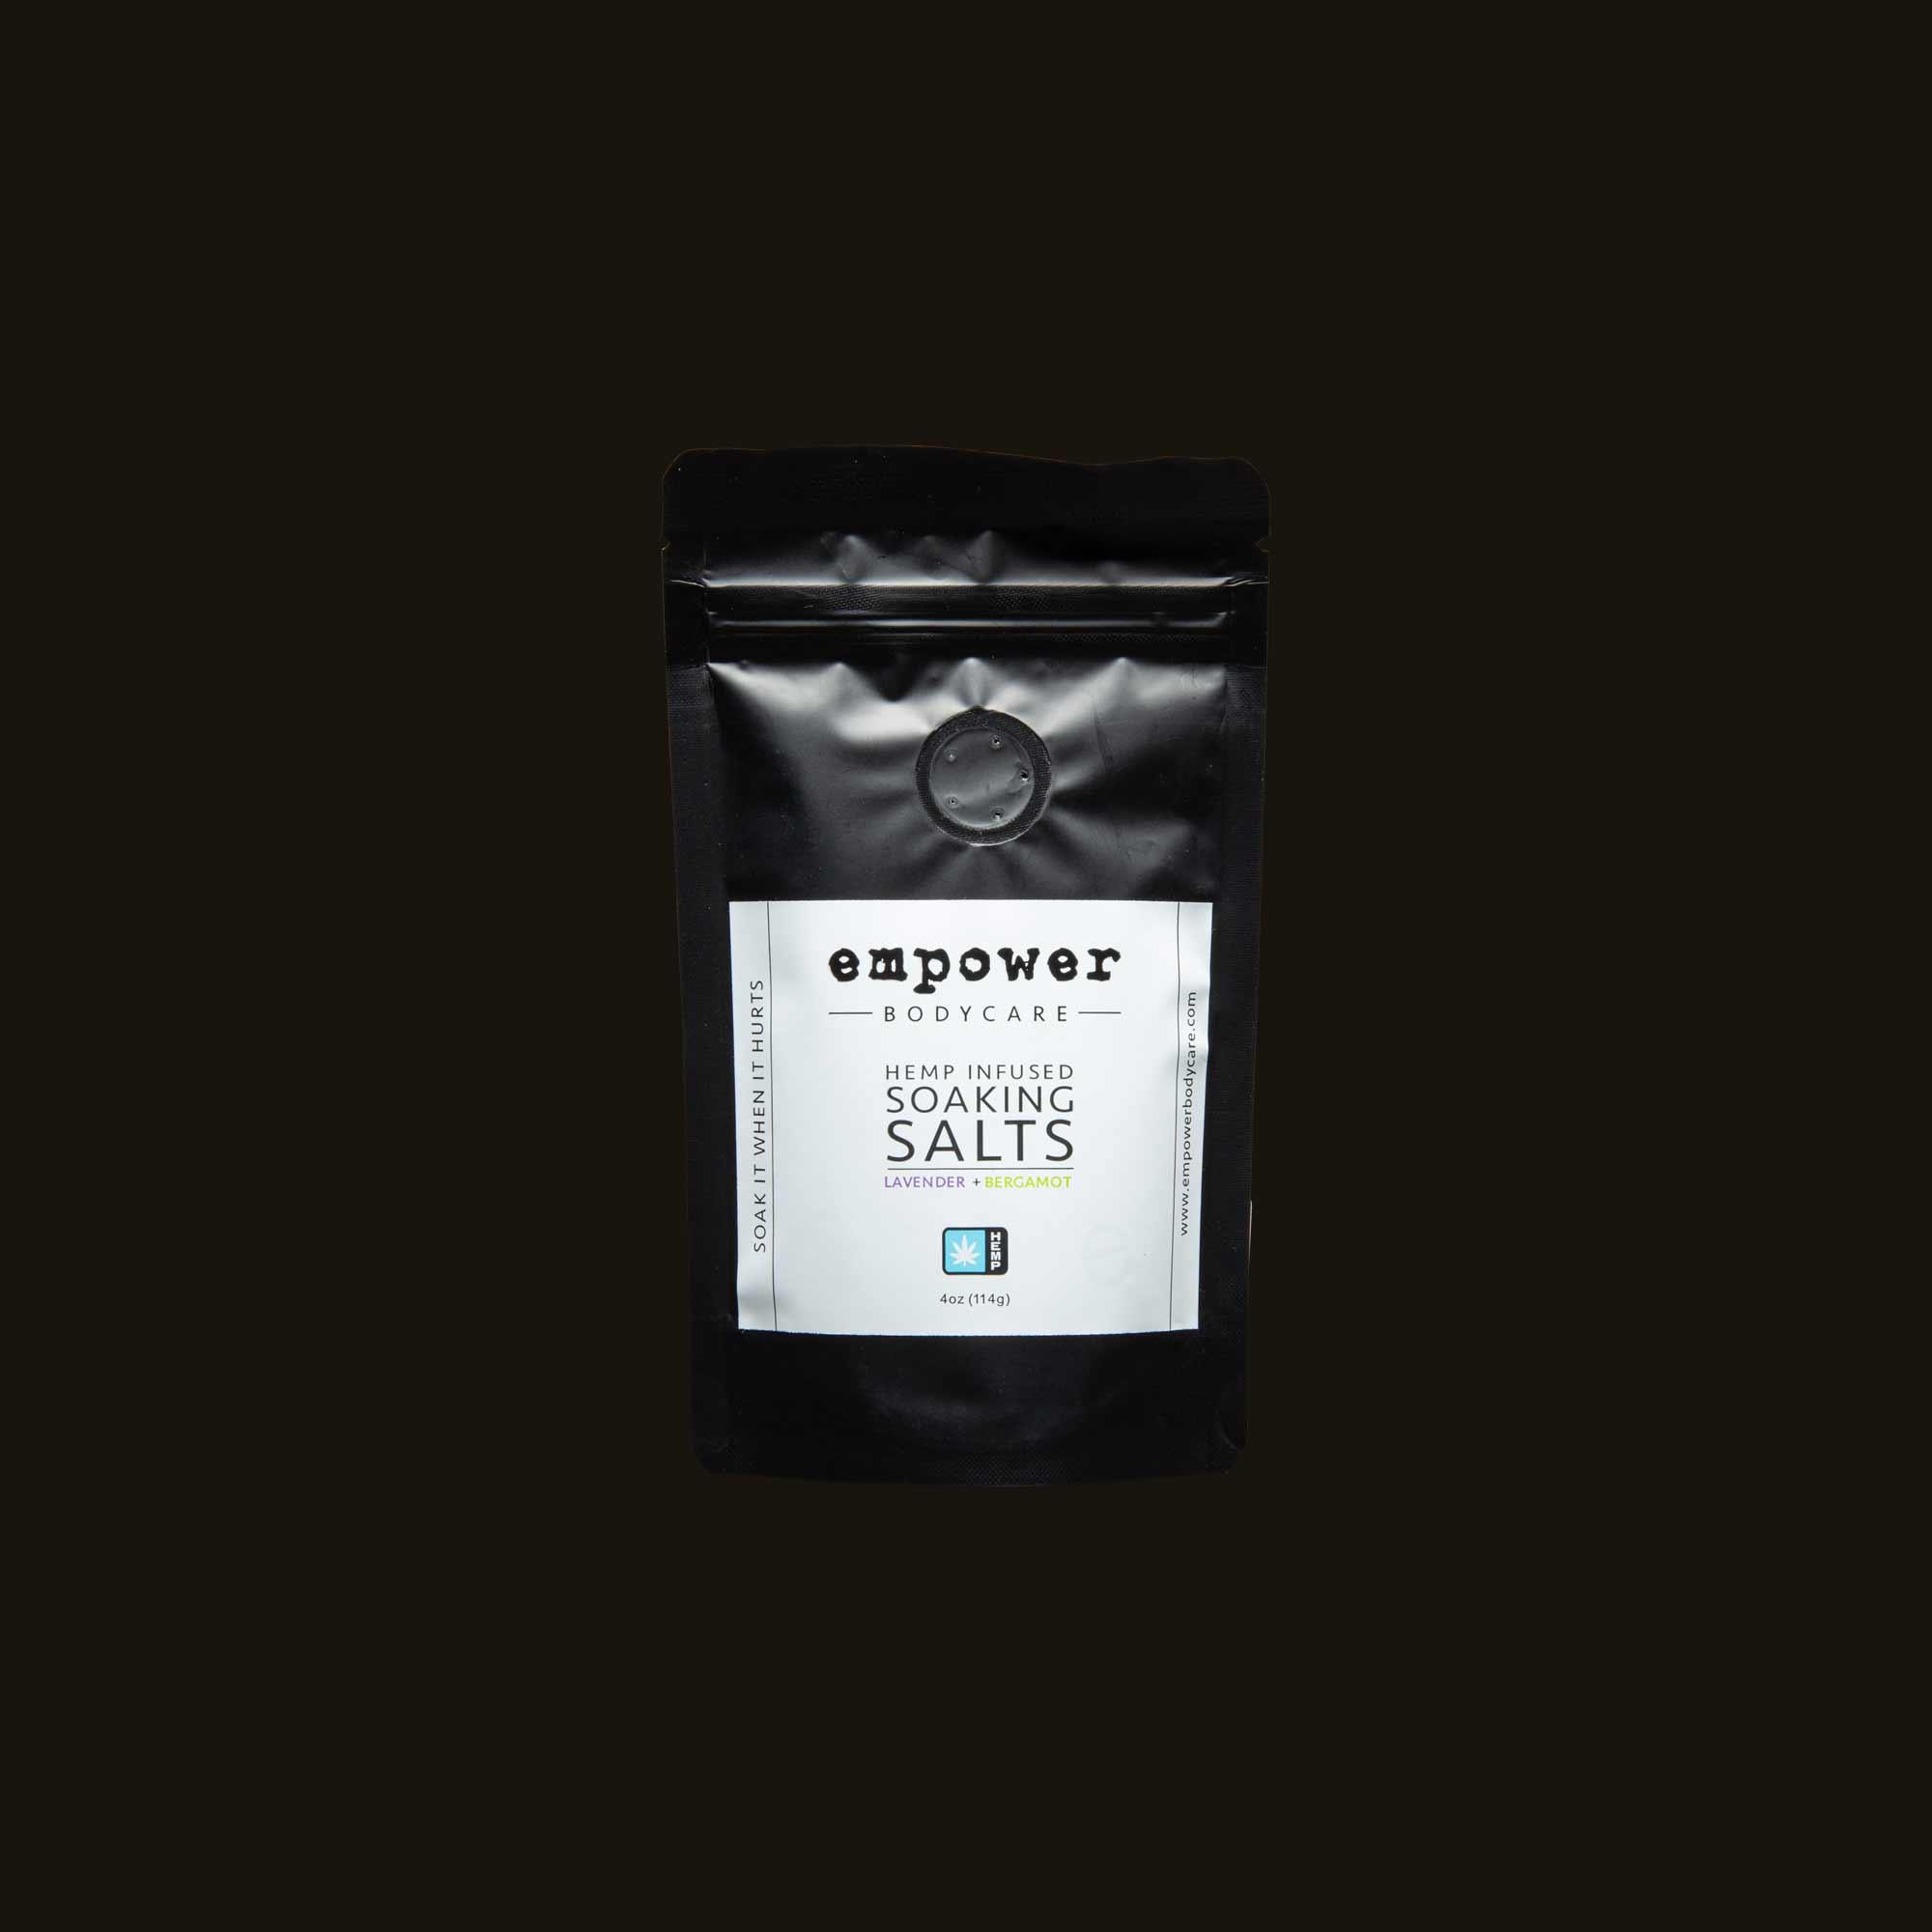 Empower Soaking Salt